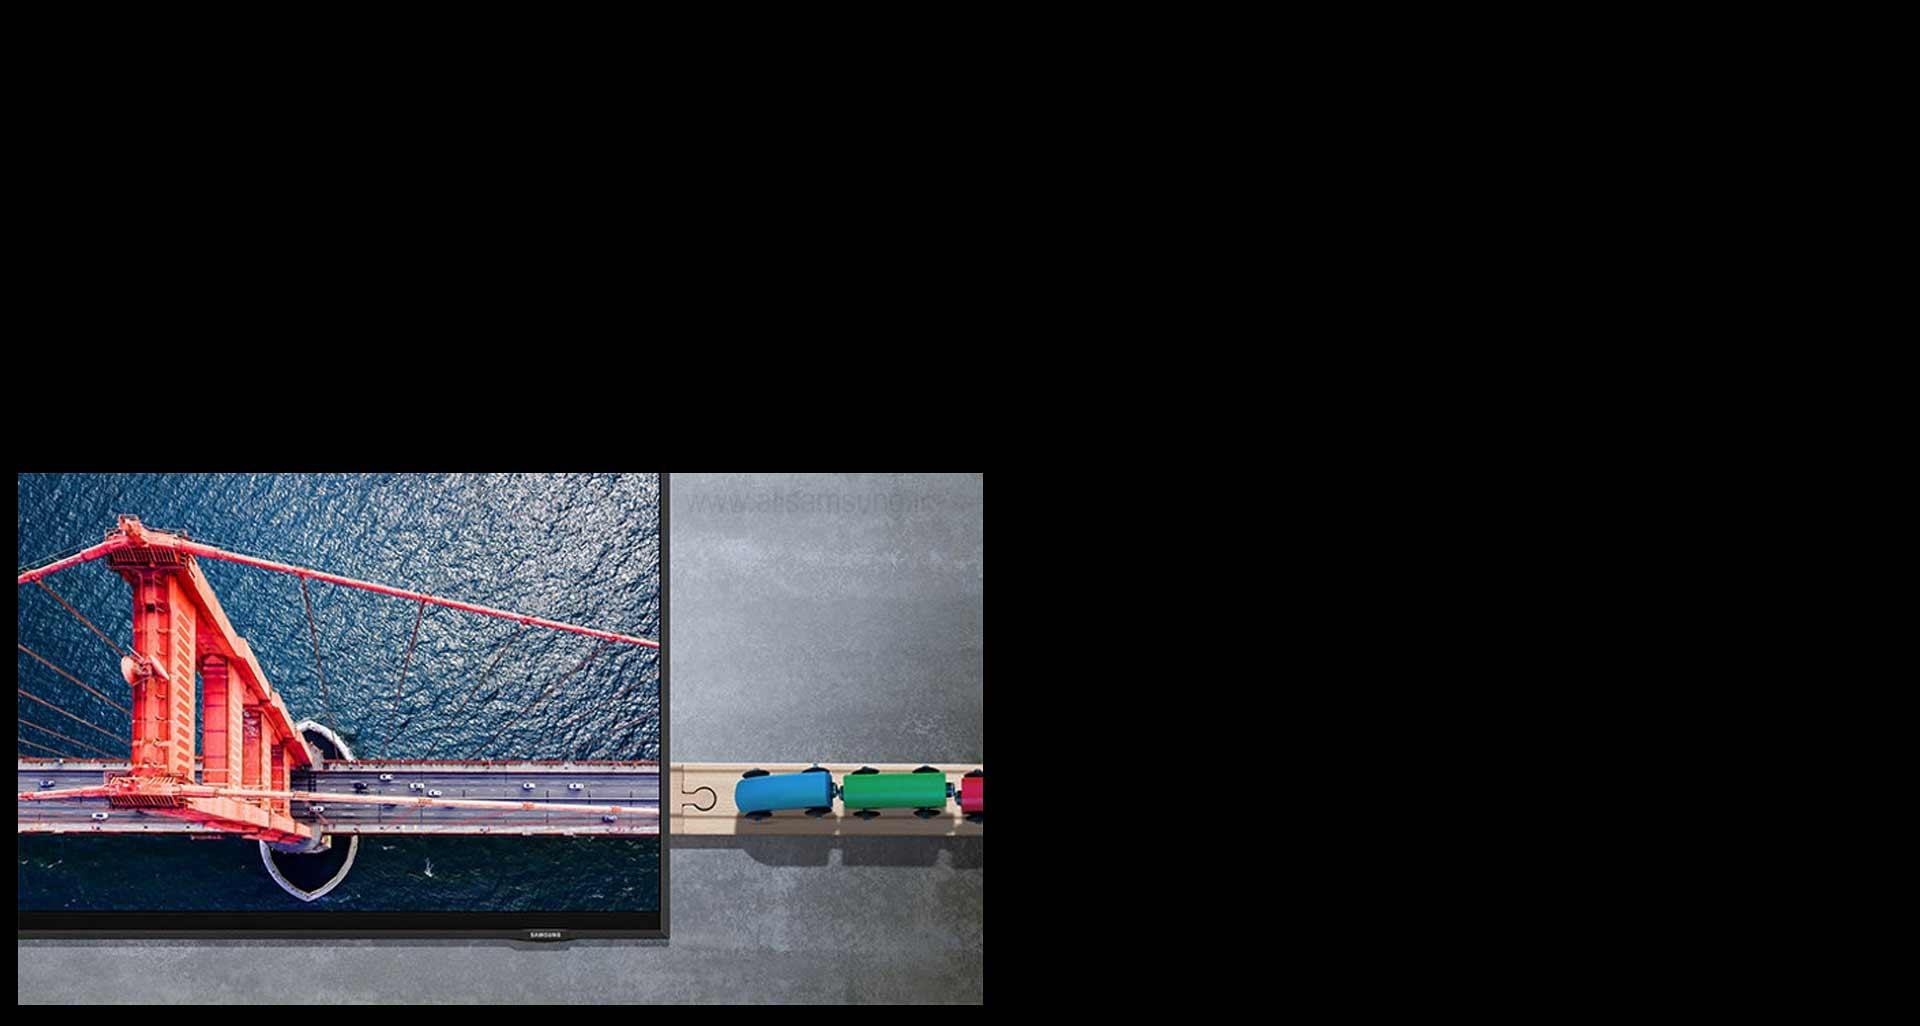 تبدیل محتوای مورد نظرتان به کیفیت 8K با تلویزیون Q900R